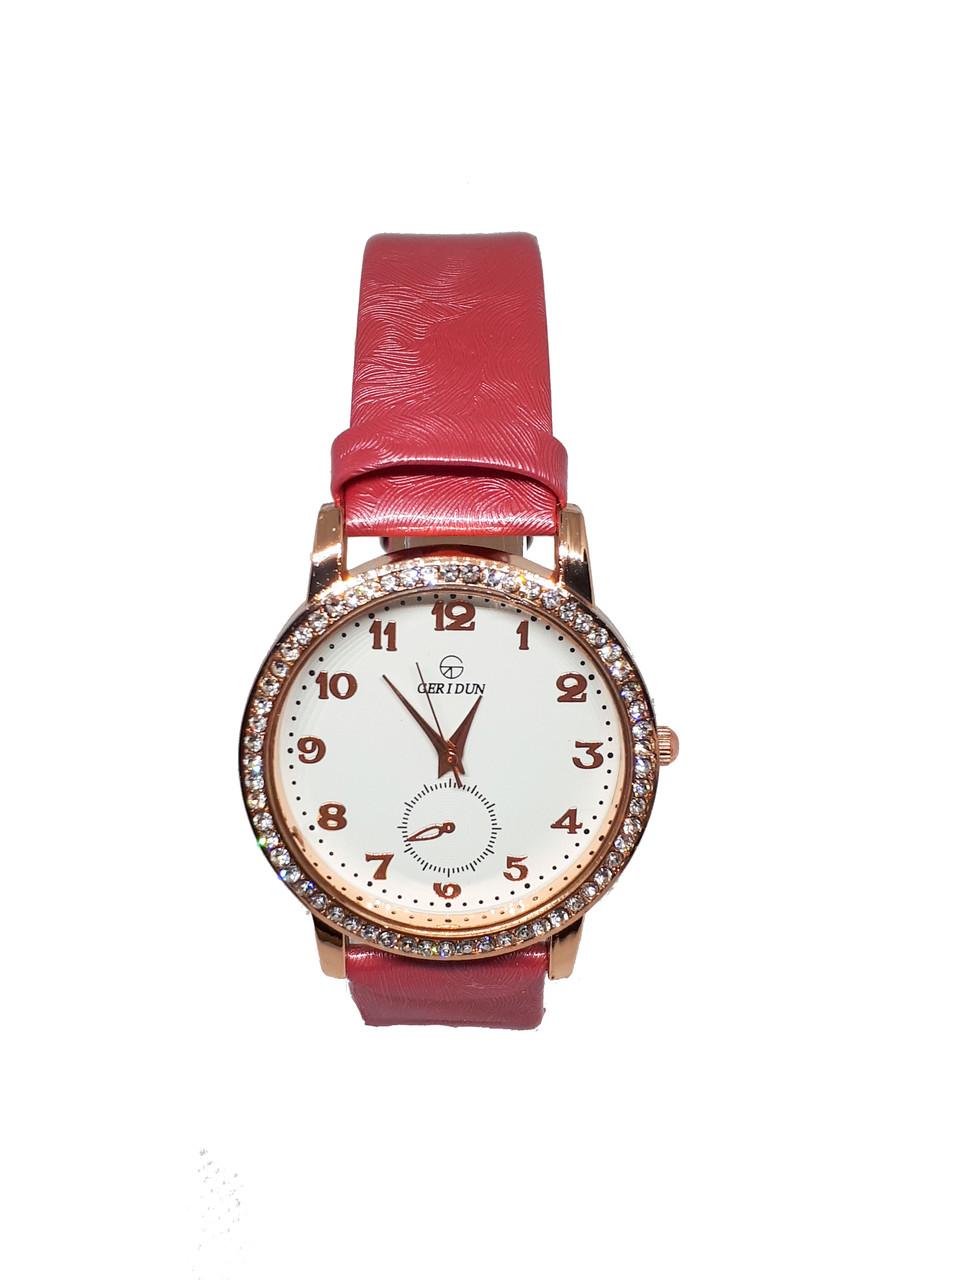 Часы женские кварцевые Ger I Dun Кружок Розовый